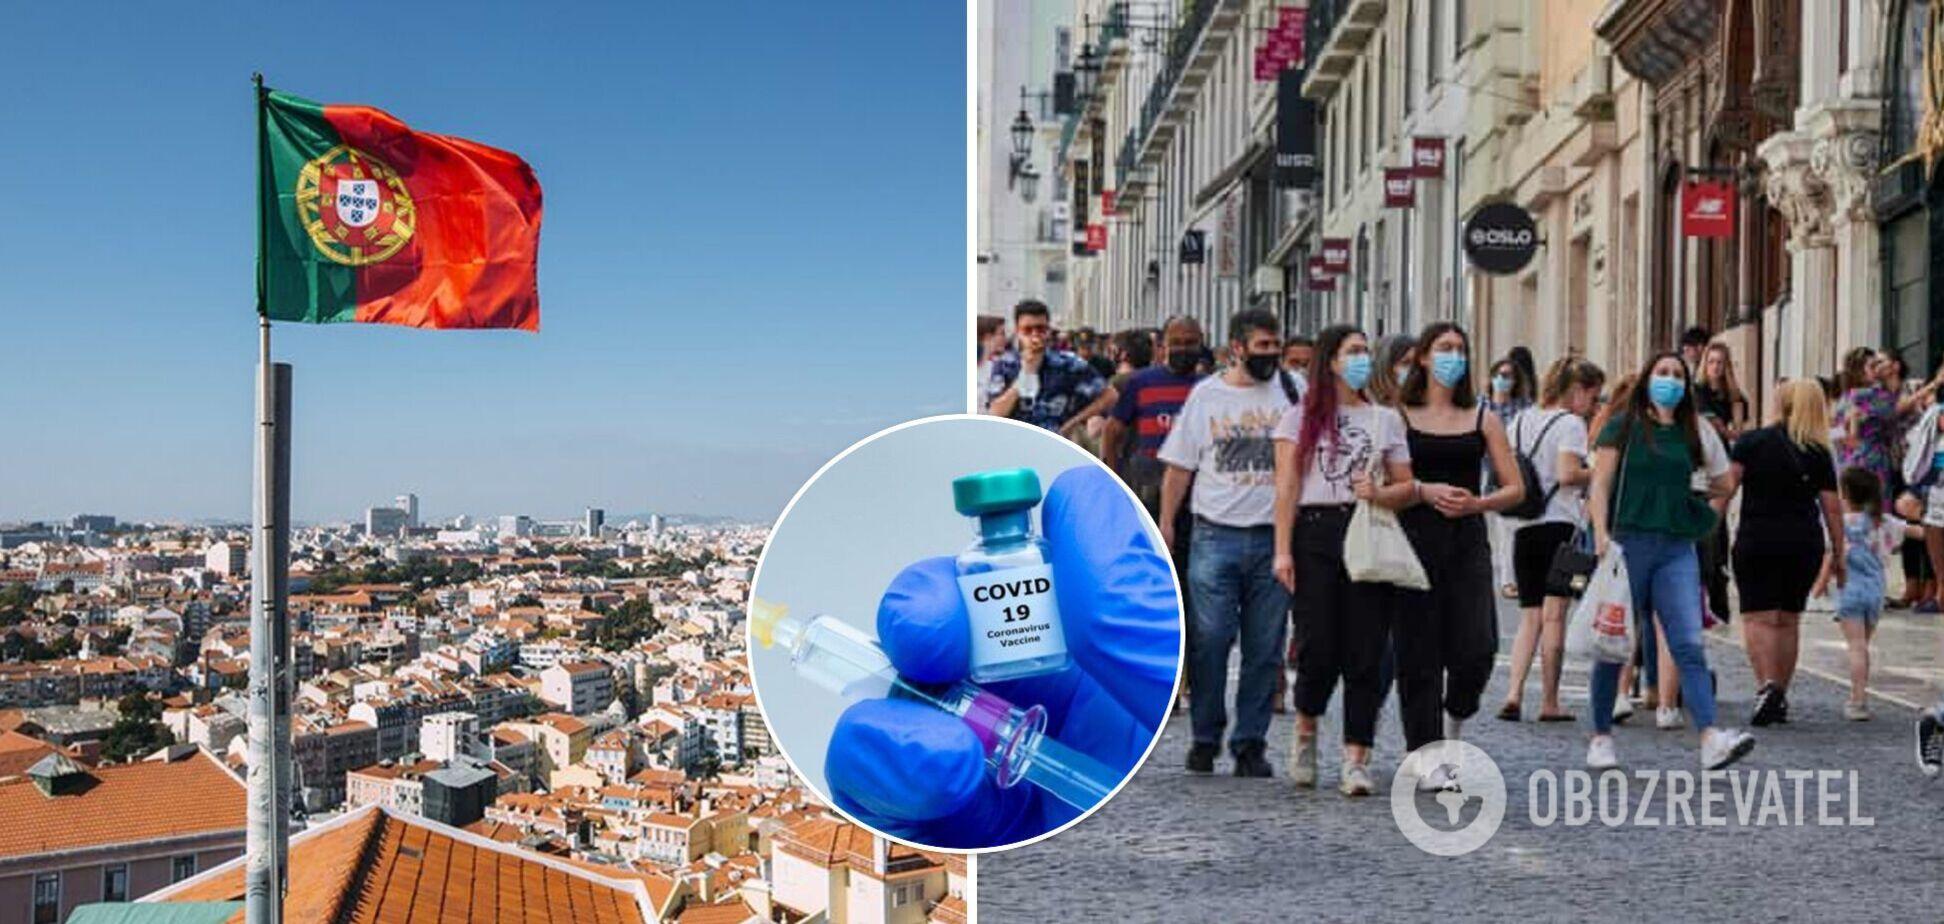 Португалія стала лідером з вакцинації проти COVID-19 в Європі: влада повідомила про зняття всіх заборон